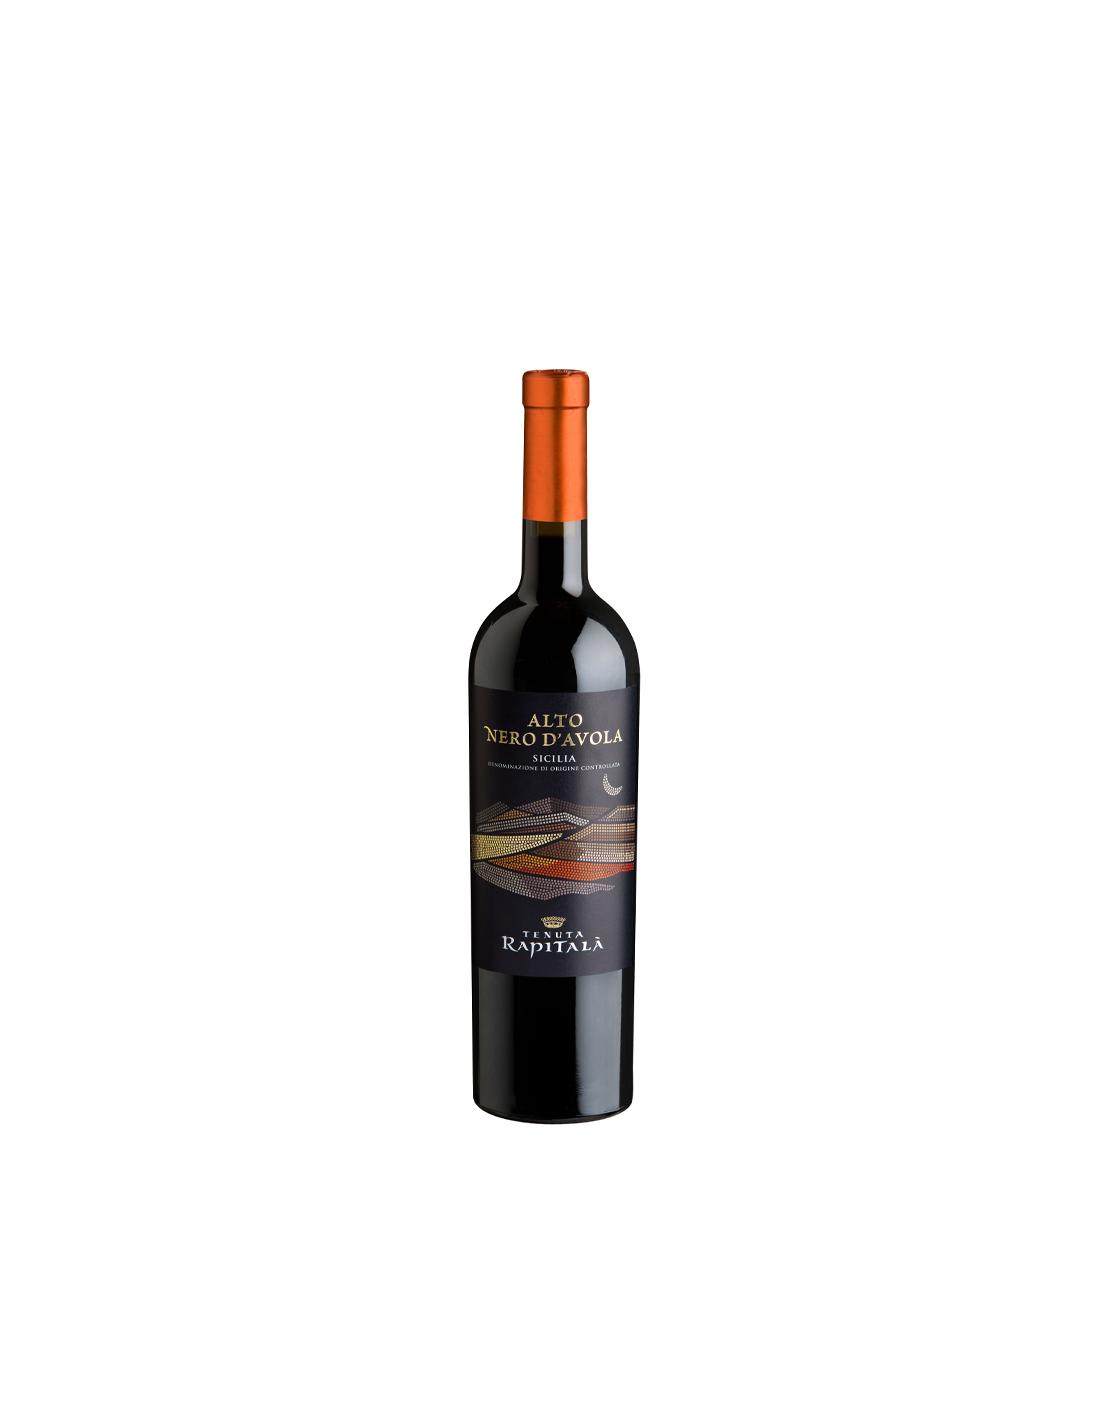 Vin rosu, Tenuta Rapitalà Nero Davola Alto Sicilia, 14% alc., 0.75L, Italia